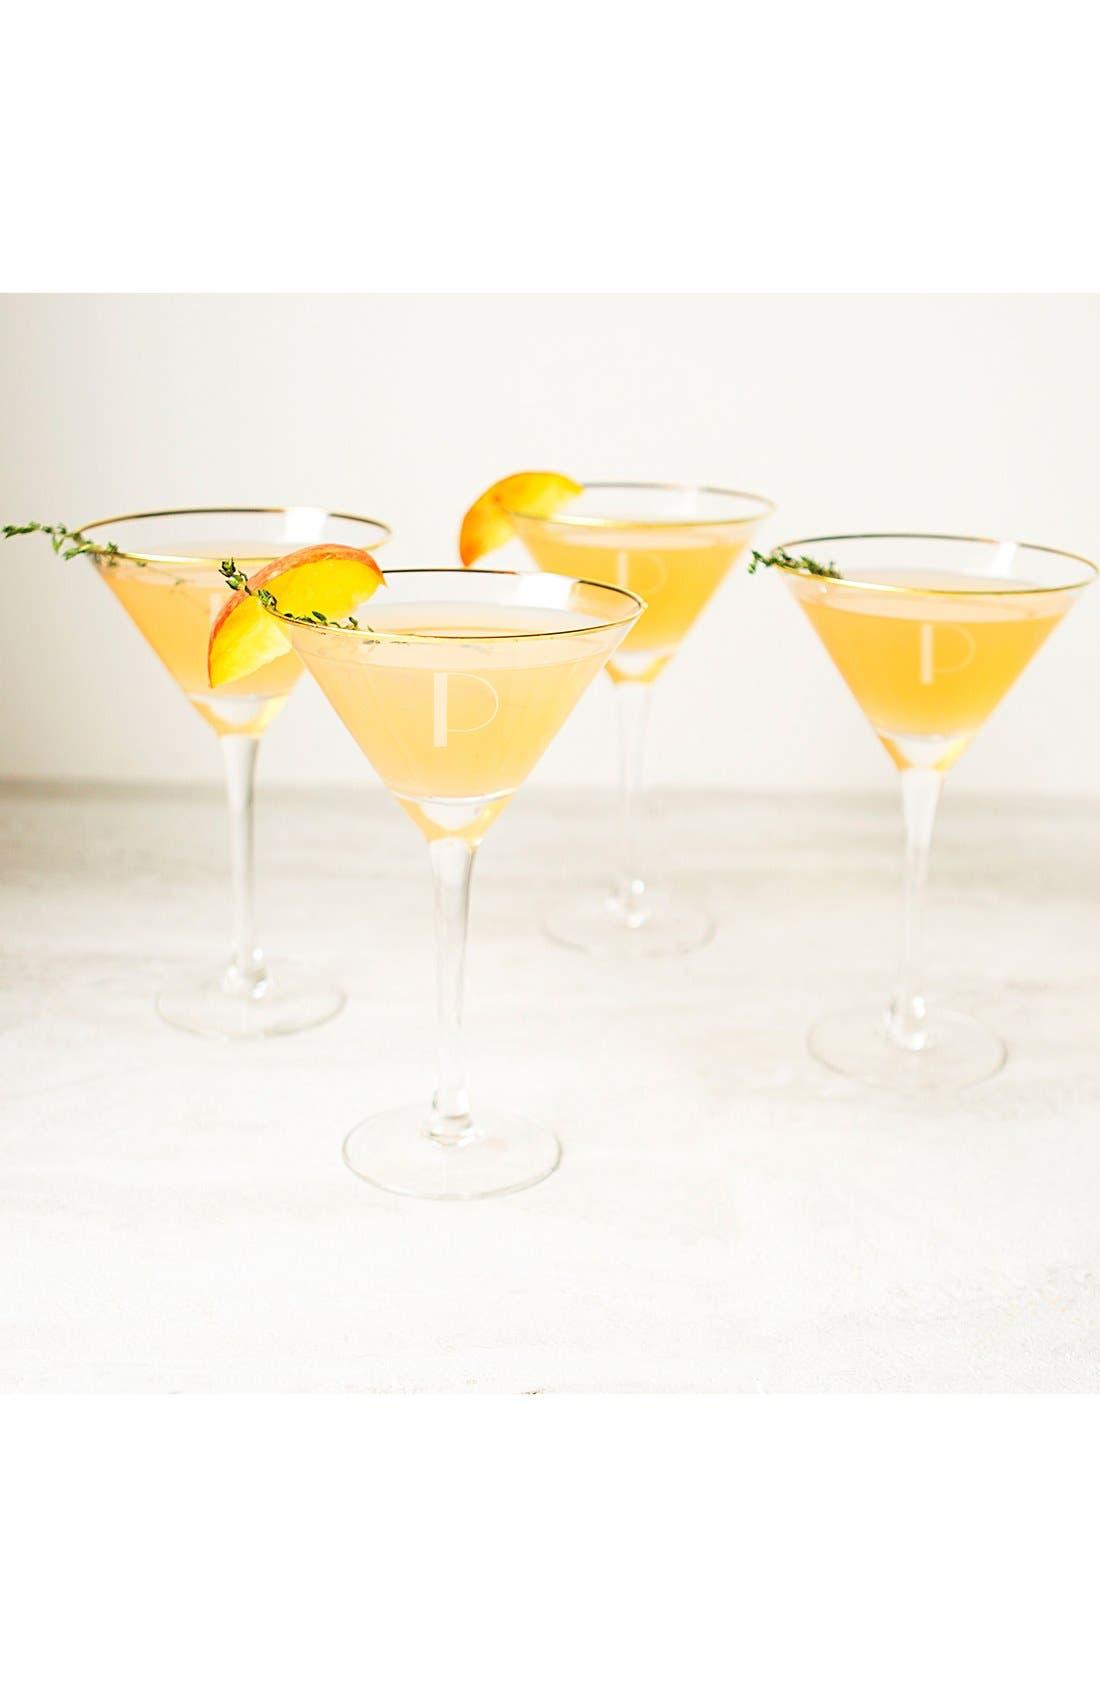 Set of 4 Gold Rimmed Monogram Martini Glasses,                             Alternate thumbnail 3, color,                             710